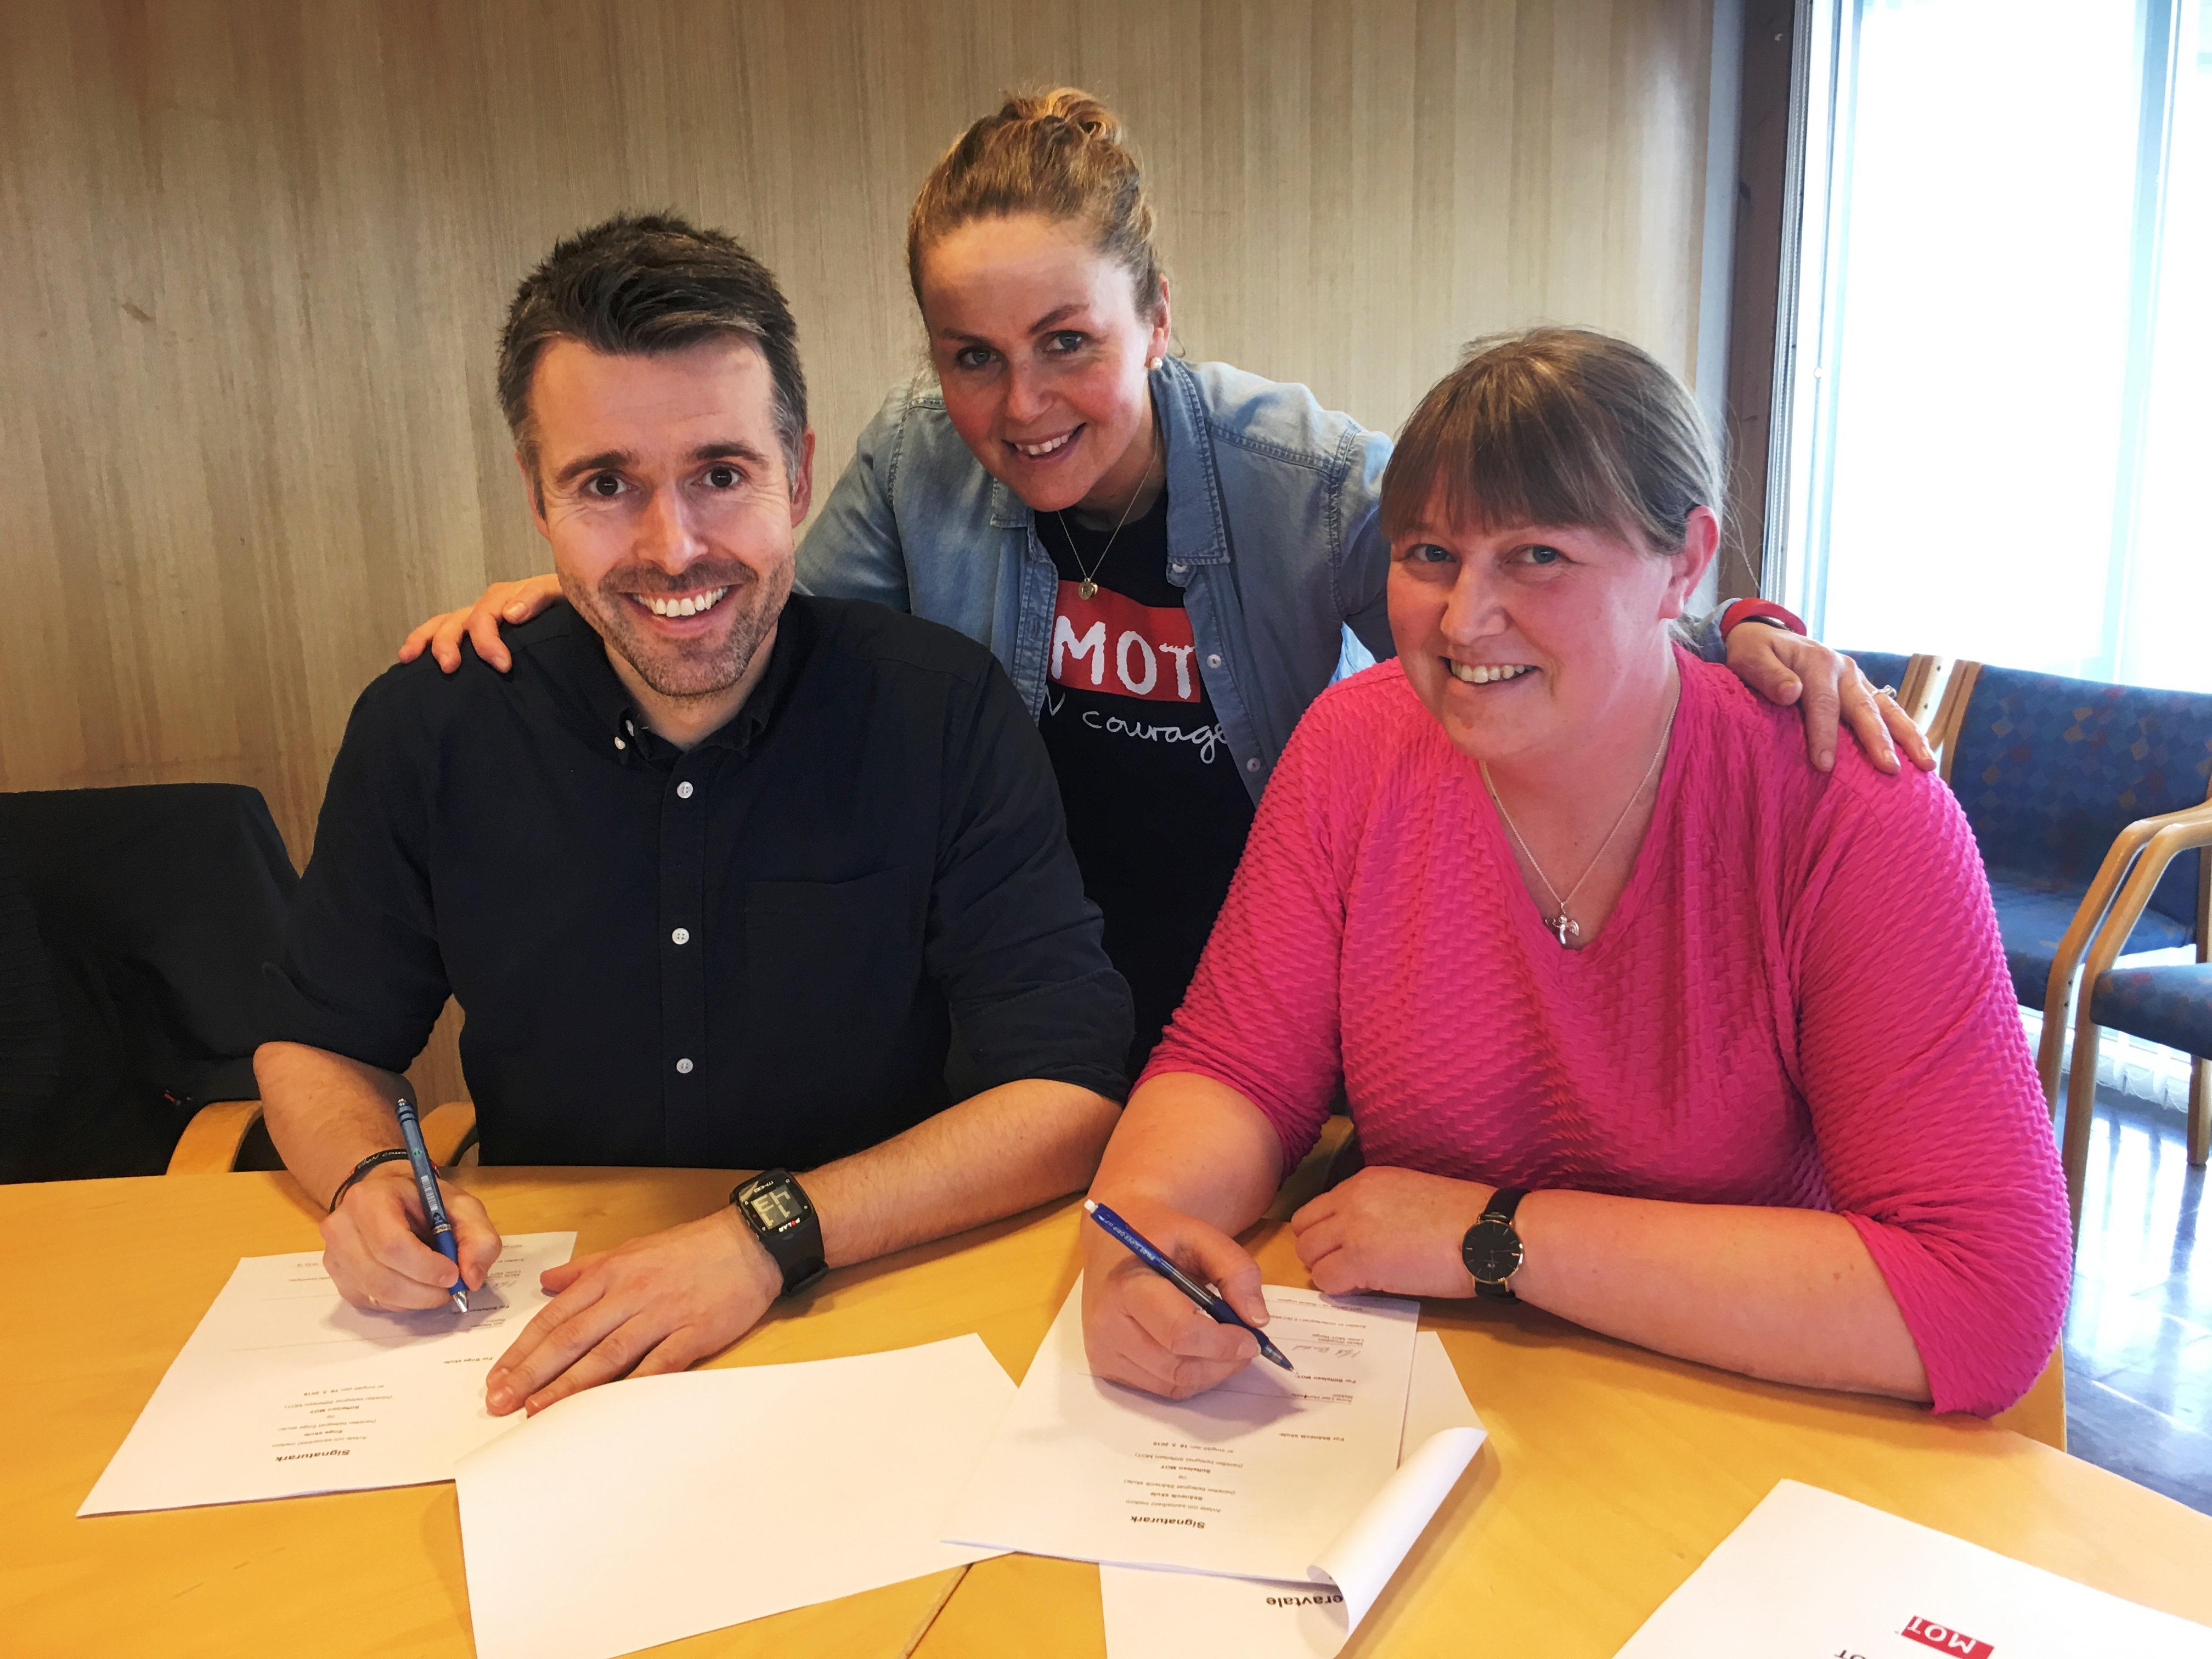 Jon og Kari signerer.jpg